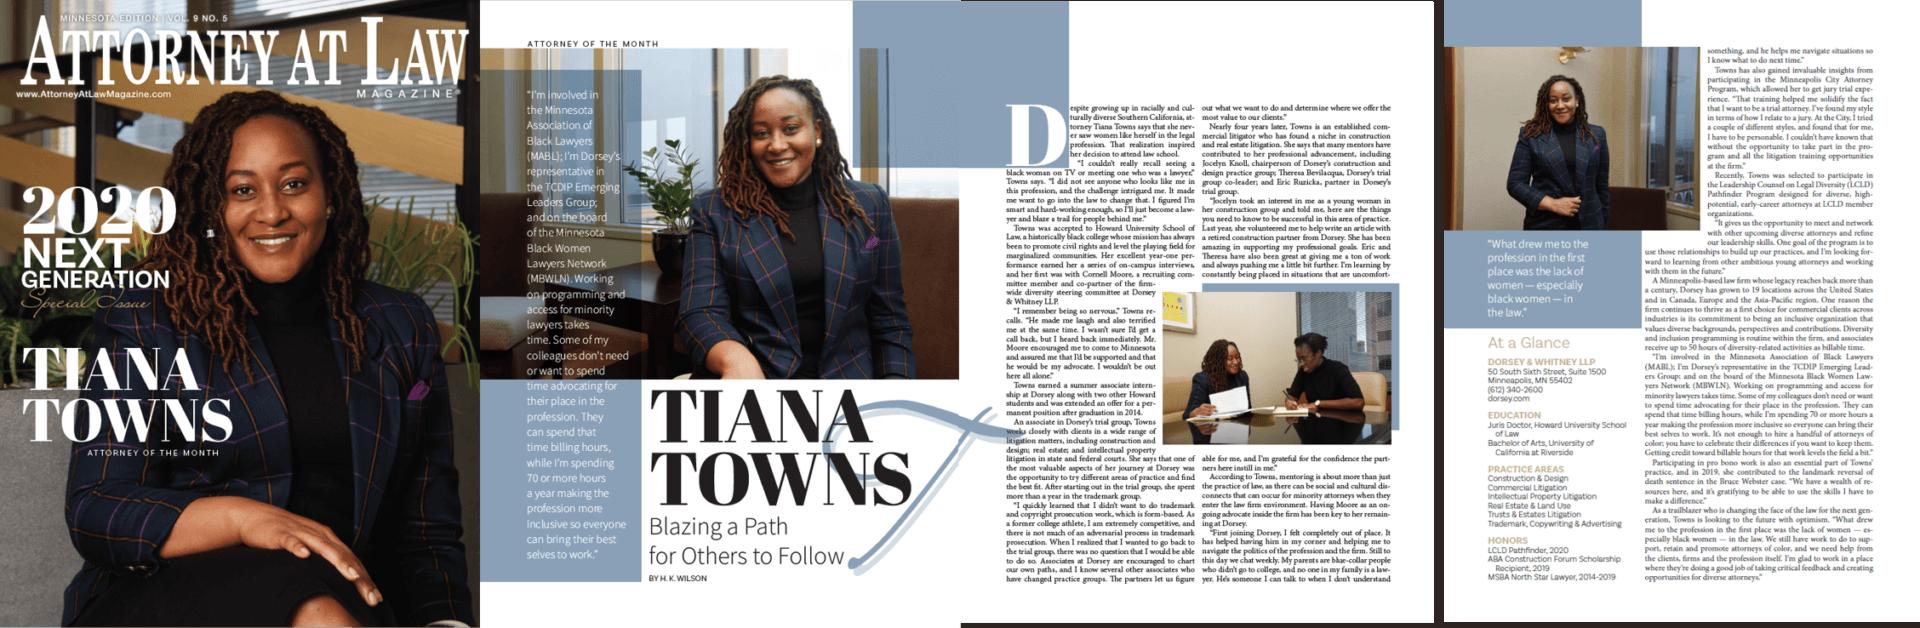 Tiana Towns